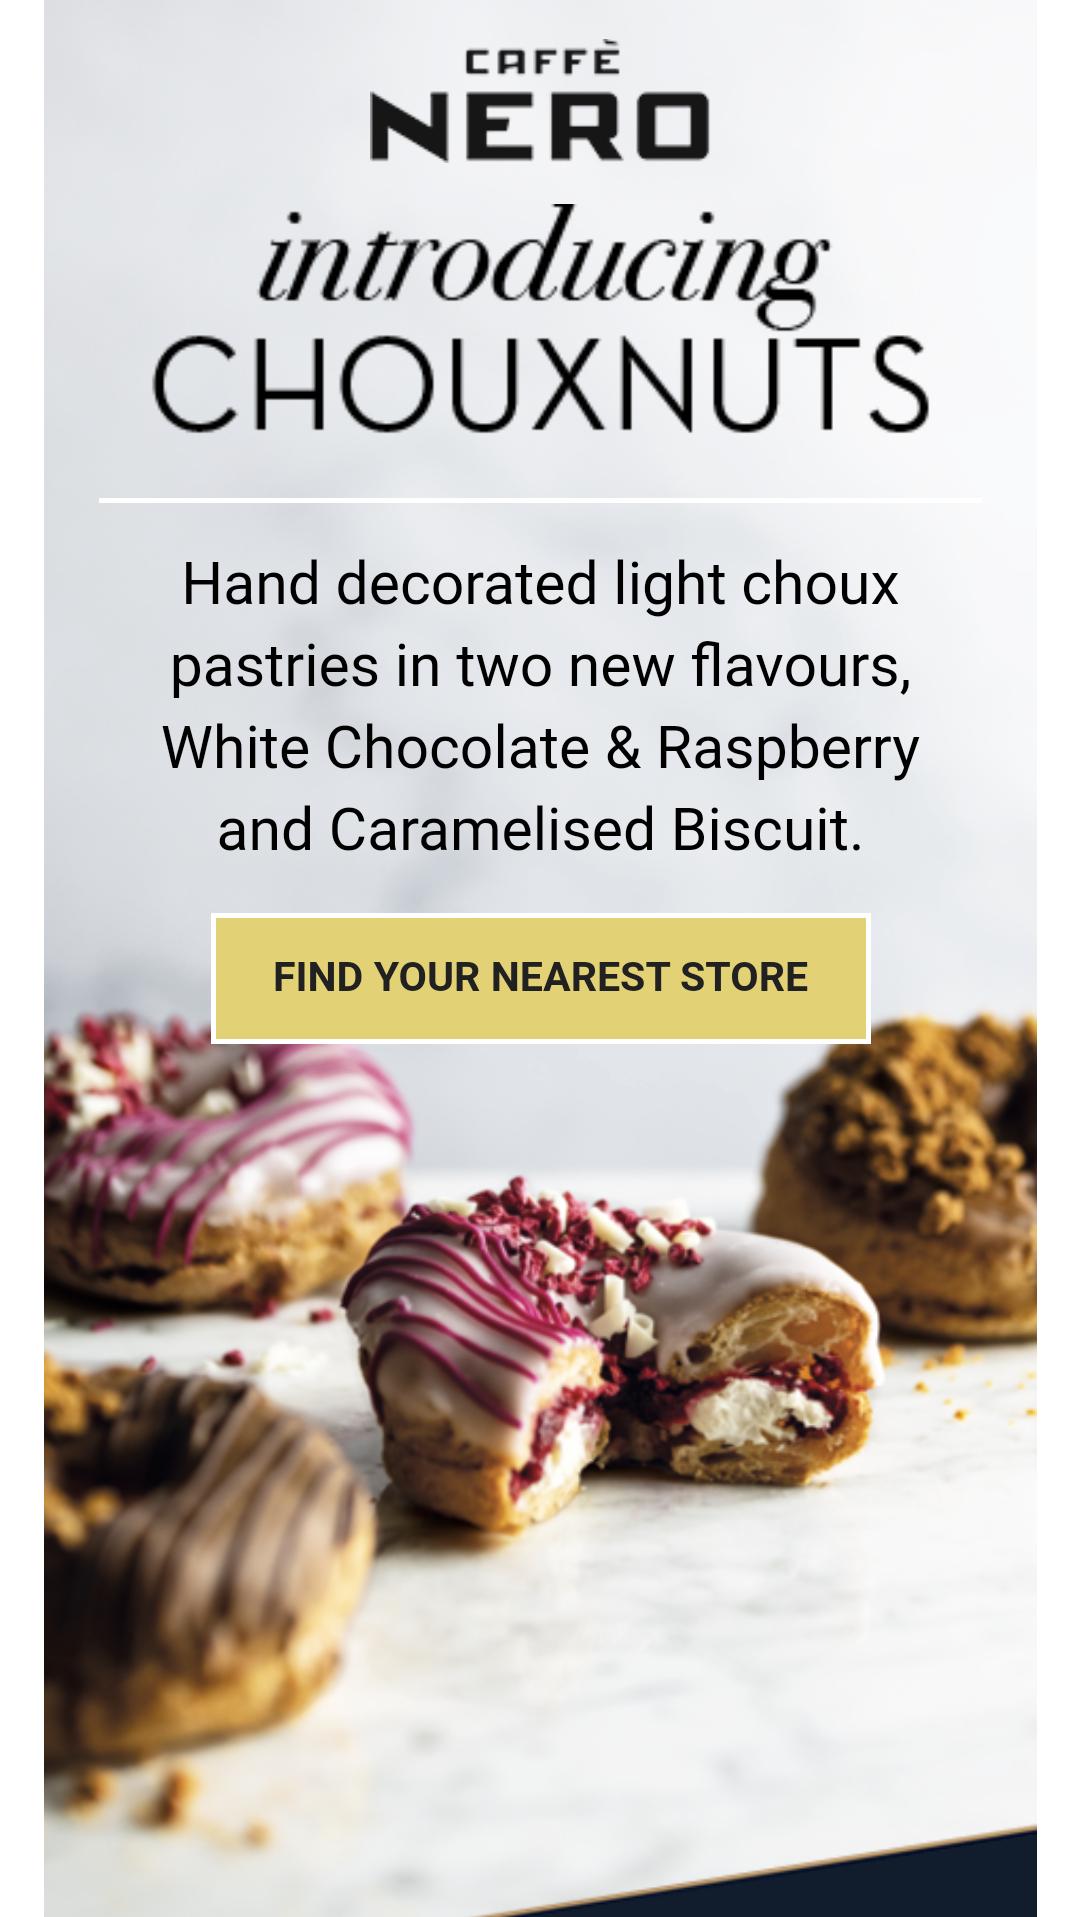 Buy a chouxnut via the app and get a bonus stamp @ Caffè Nero